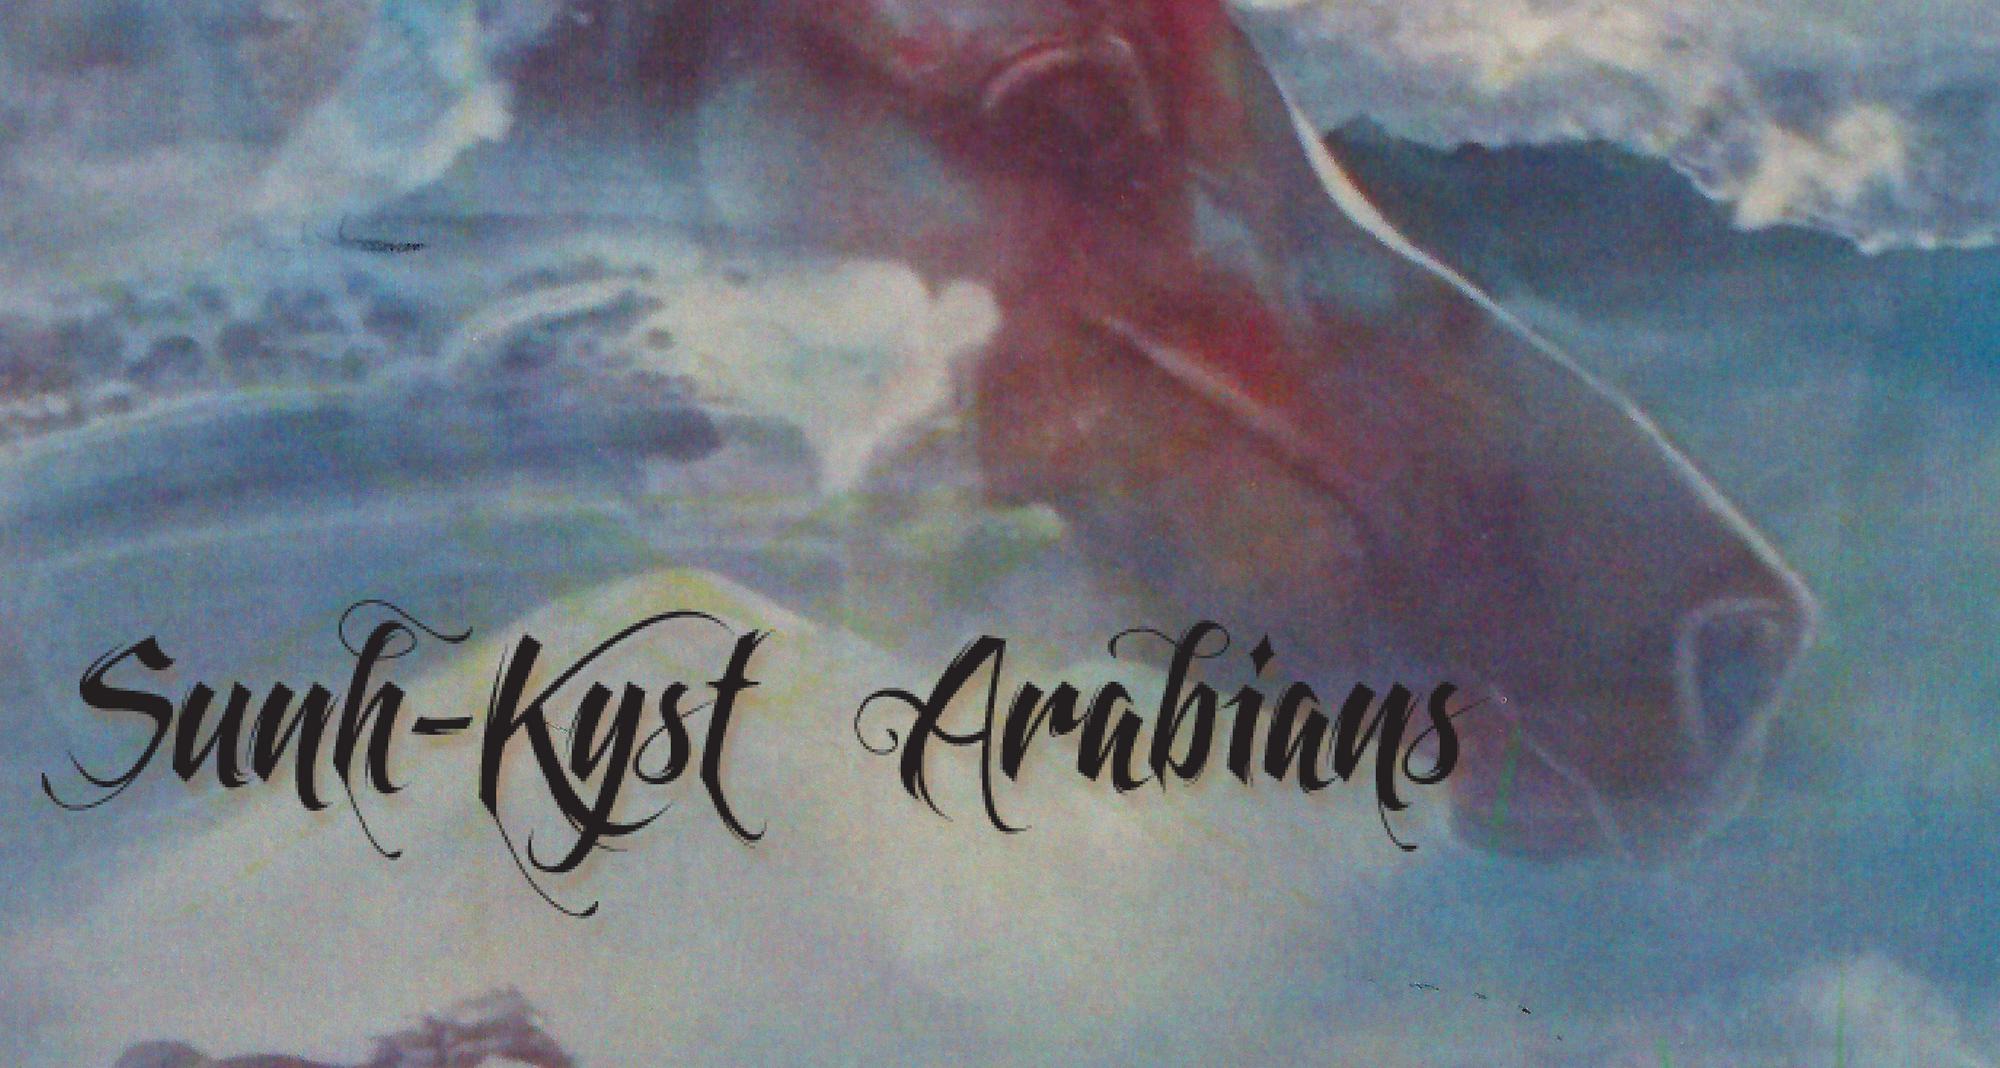 Sunh Kyst Arabians